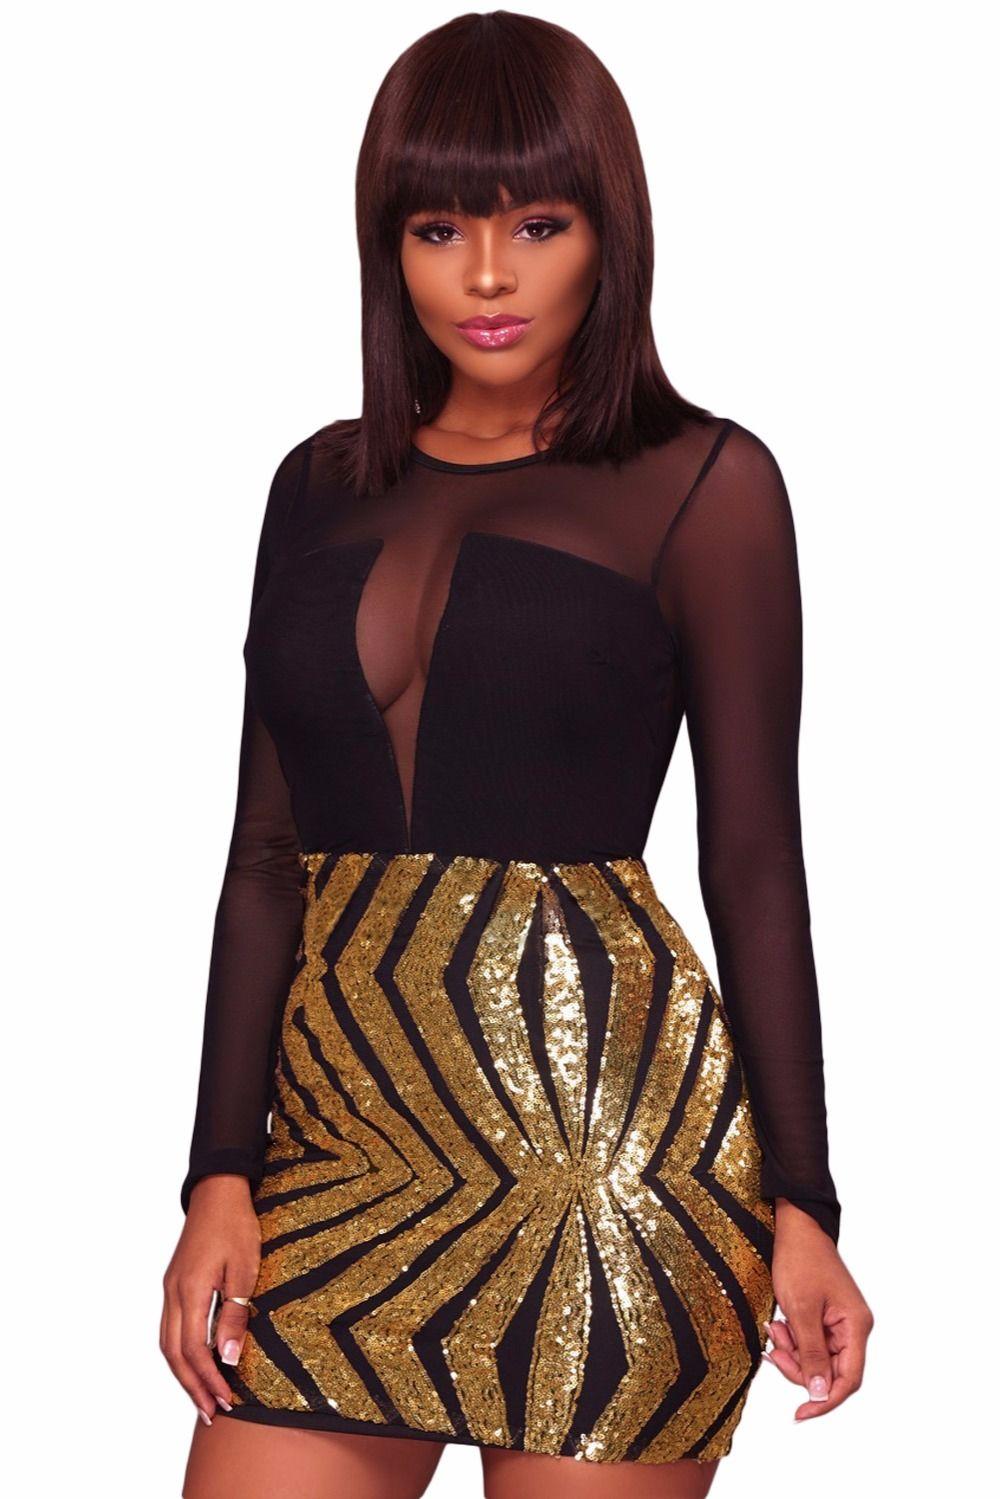 967110a908e Dear Lover Sexy Party Dress Sequin Black Sheer Mesh Long Sleeve ...